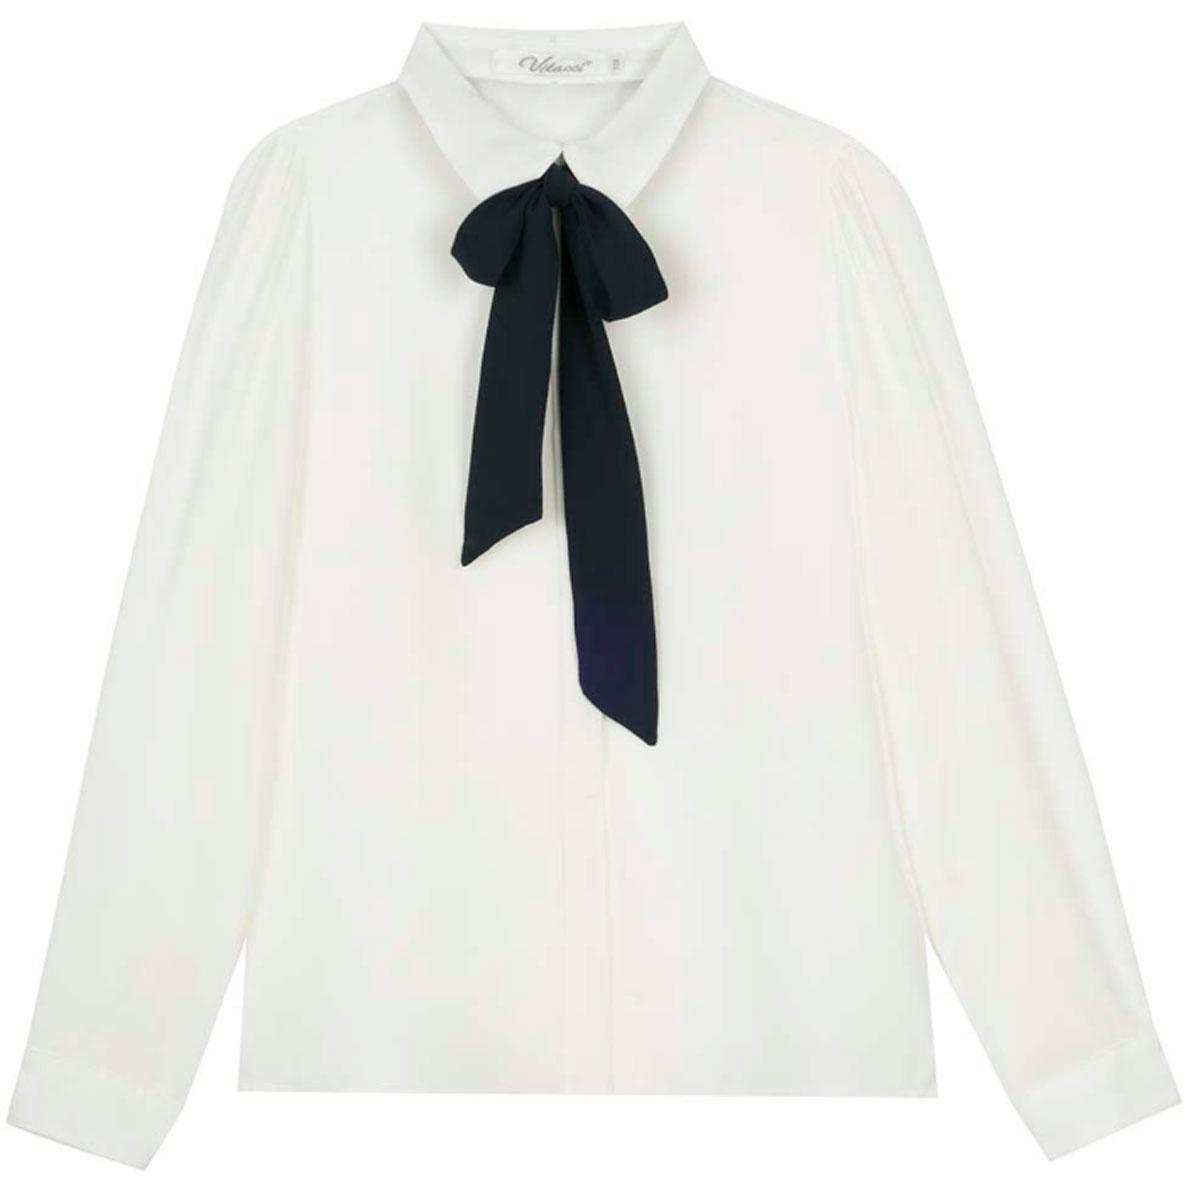 Блузка для девочек Vitacci, цвет: белый. 2173224L-01. Размер 1522173224L-01/2173224-01Классическая школьная блузка для девочки